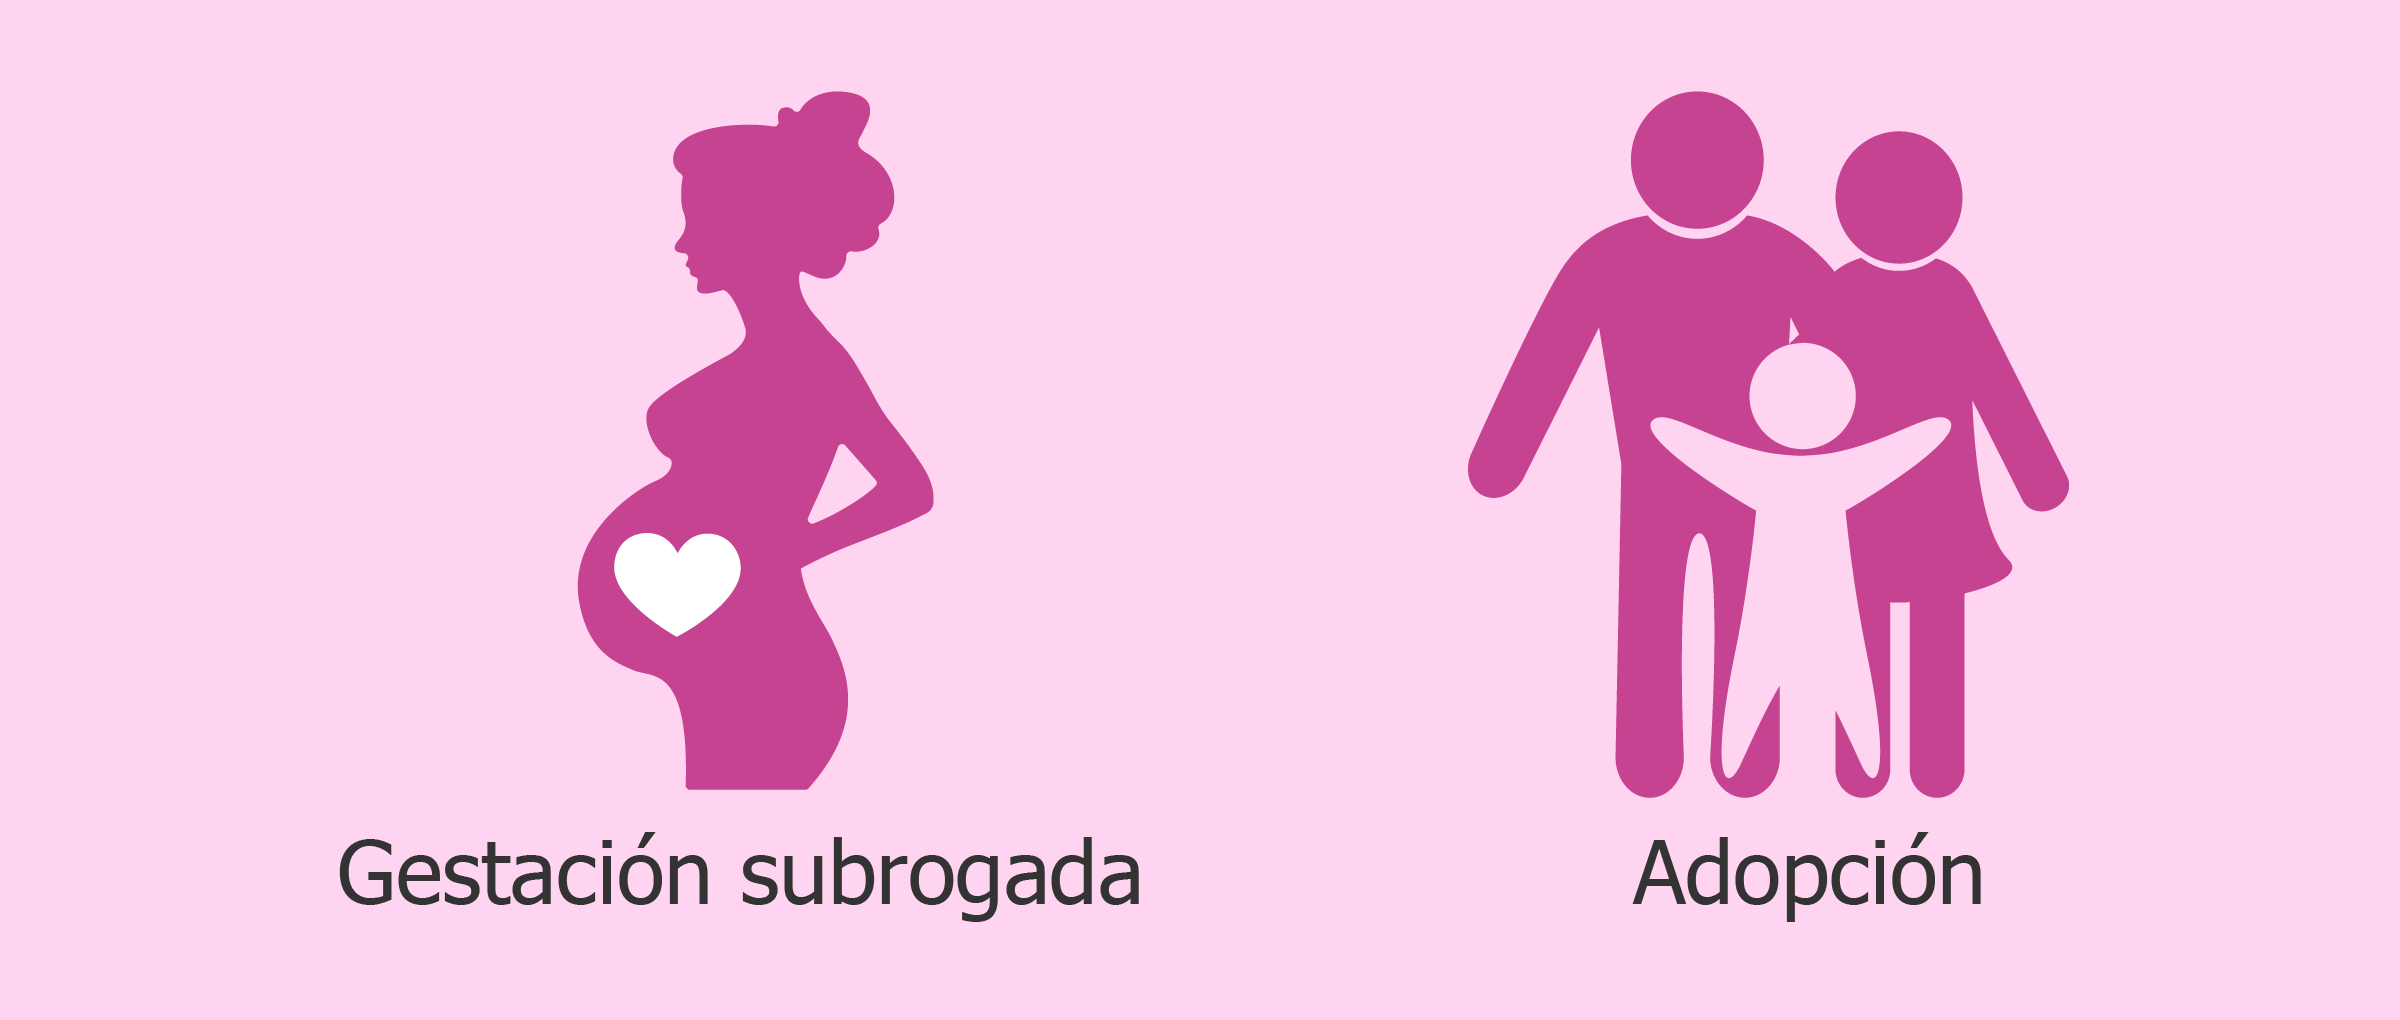 Formar una familia: ¿adopción o gestación subrogada?